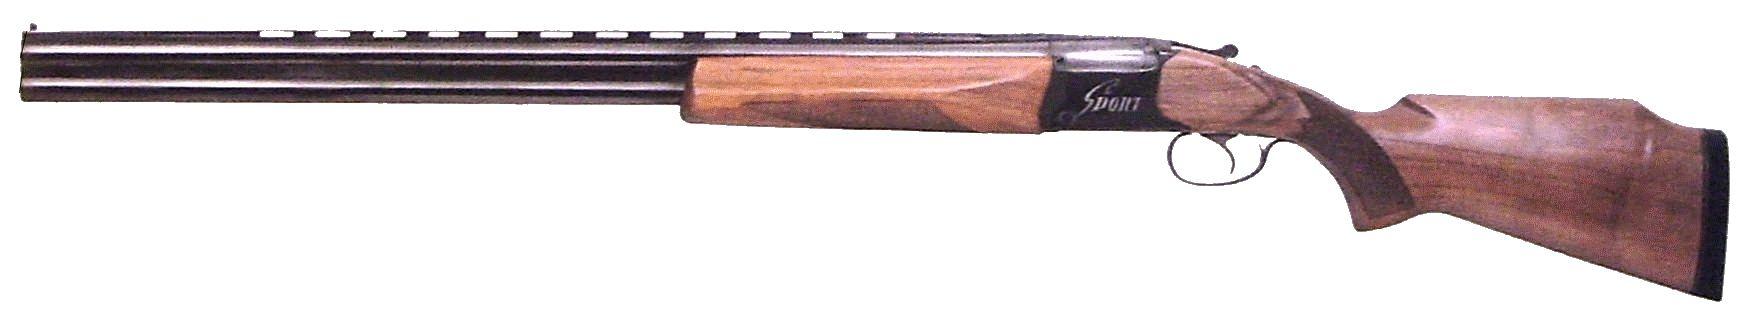 Ружьё ИЖ-39. Спортивно тренировочное ружьё (траншейное) предназначено для стендовой стрельбы, в настоящий момент не выпускаются.